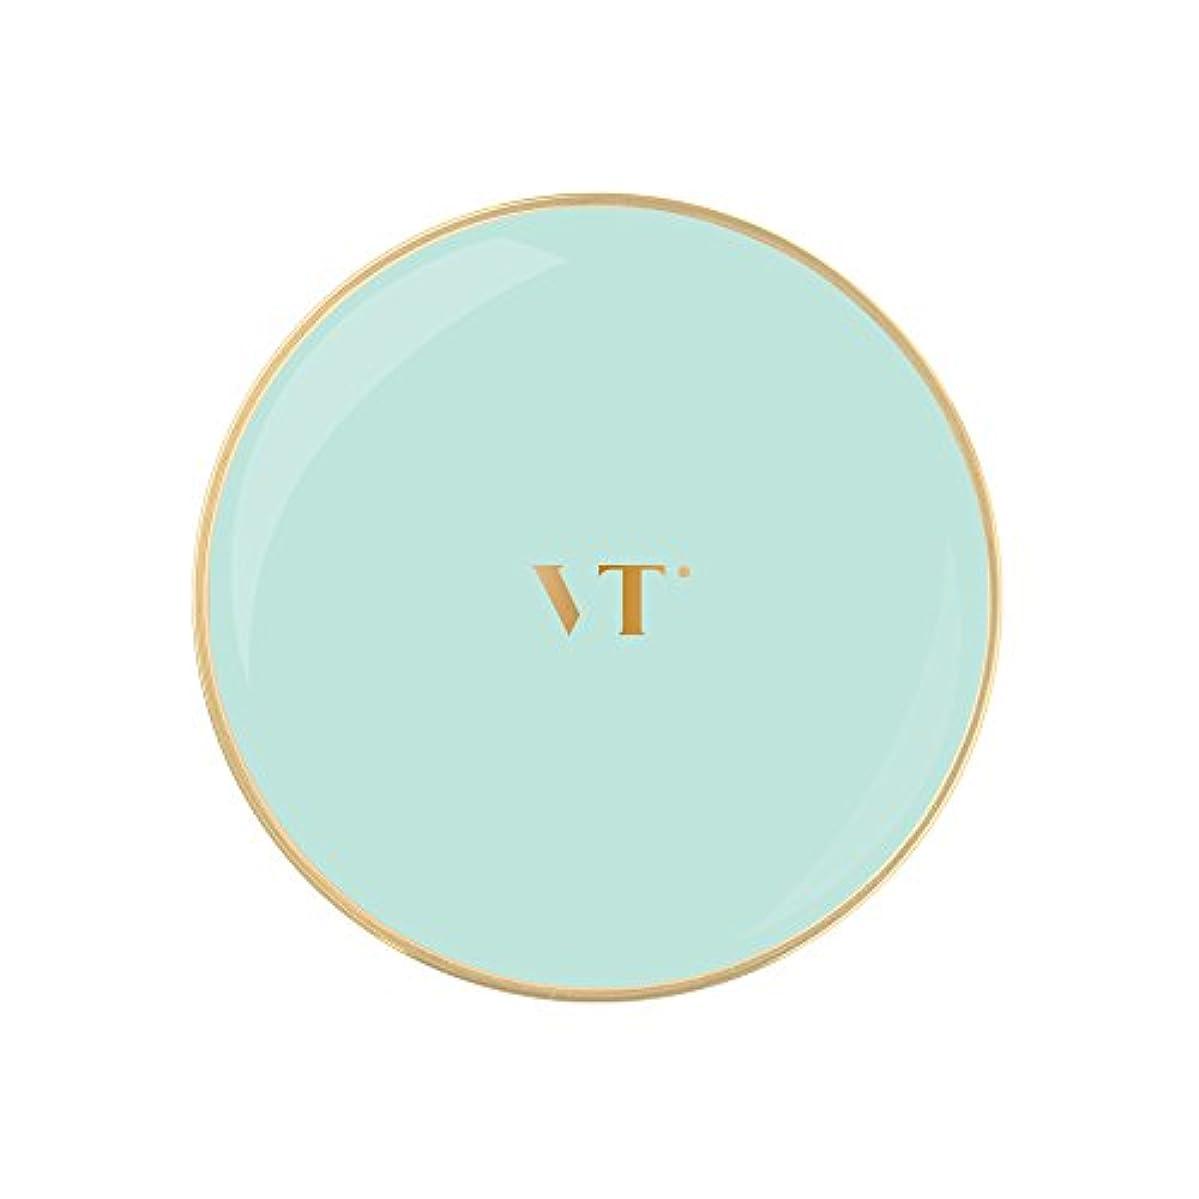 マラドロイト改修不正確VT Blue Collagen Pact 11g/ブイティー ブルー コラーゲン パクト 11g (#23) [並行輸入品]